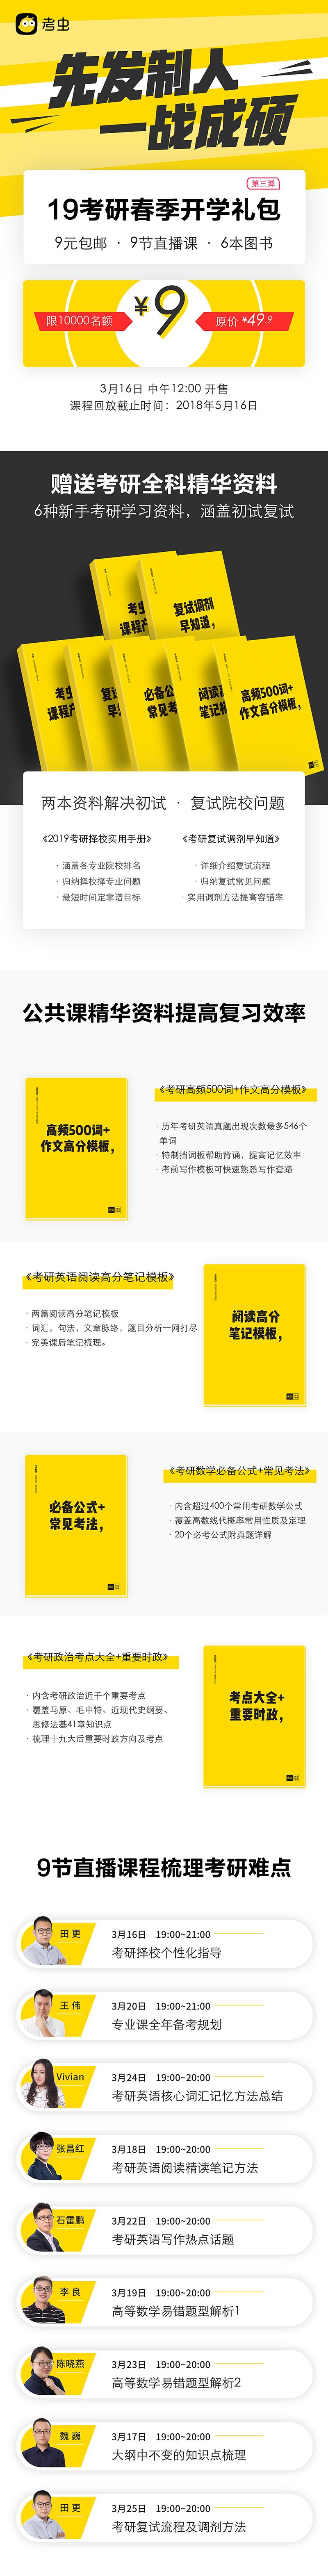 考研9元课详情图-01.png